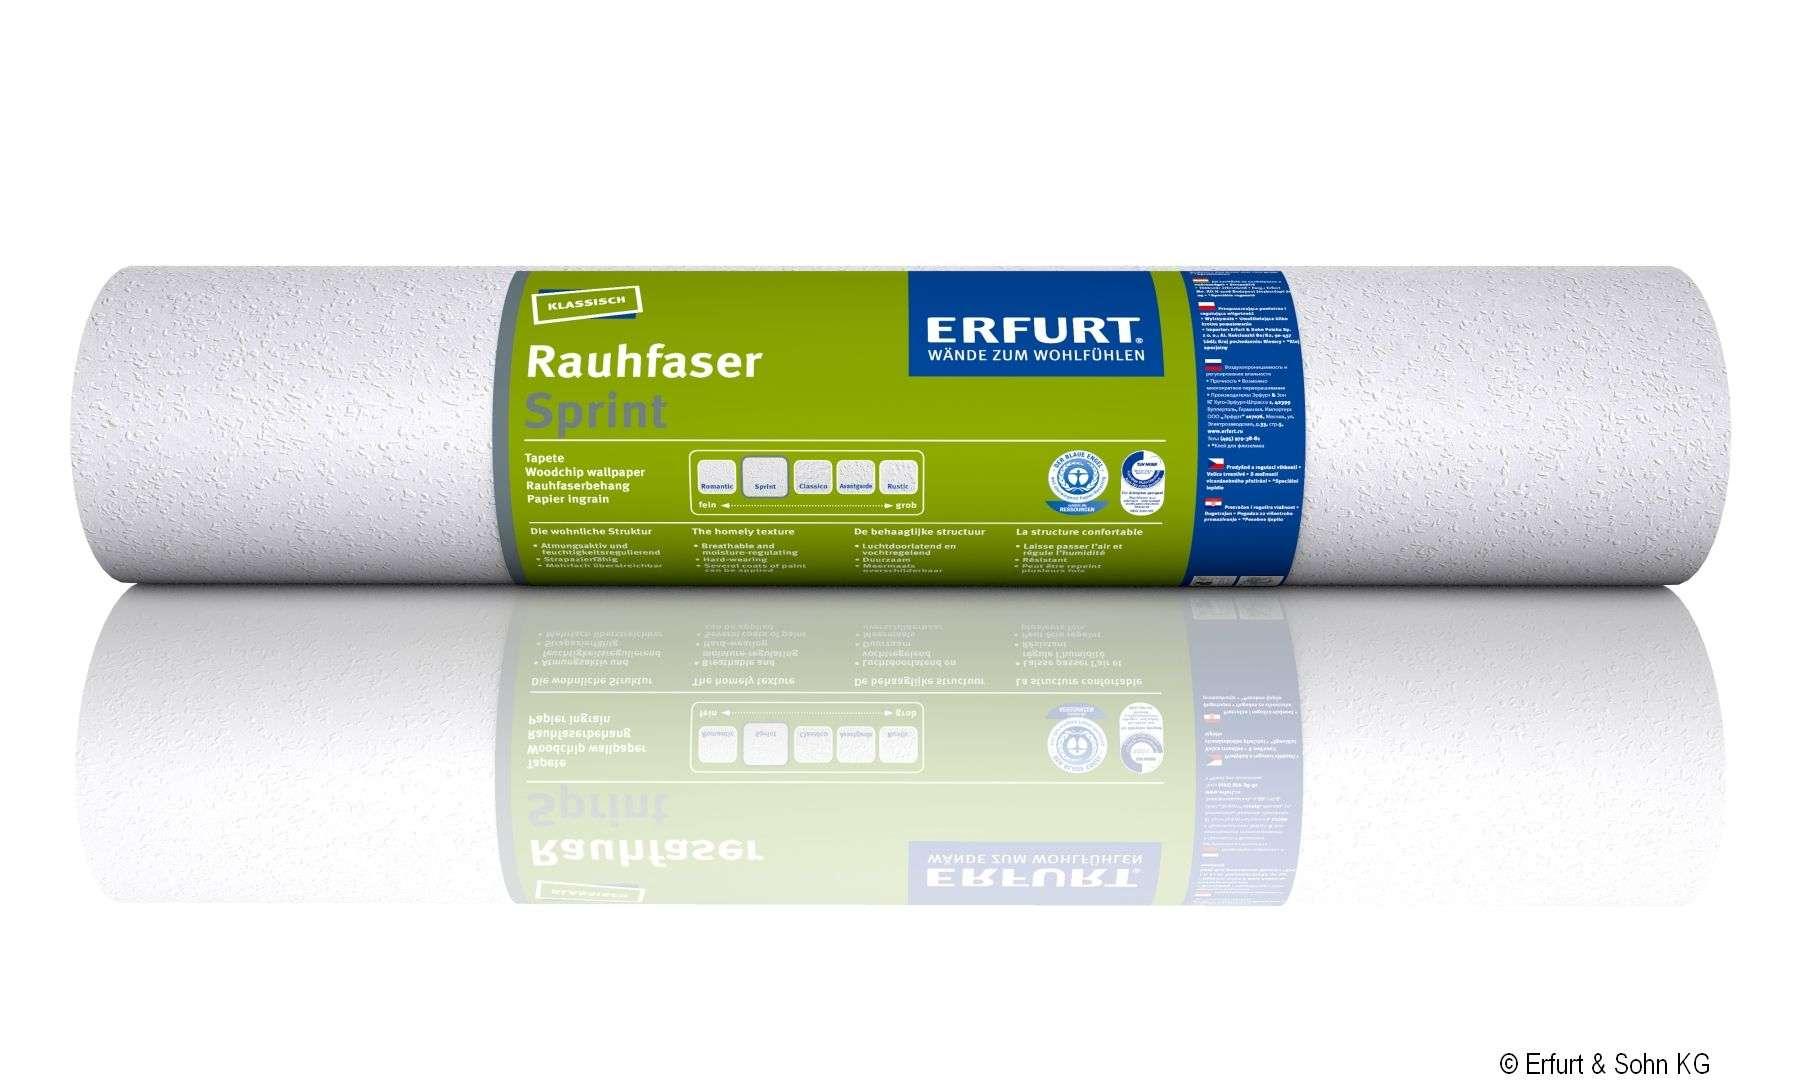 """ERFURT """"Das Original"""" Rauhfaser Tapete Sprint, wohnliche Struktur, 20 x 0,53 m, ausreichend für 10,6 m², 1 Rolle"""